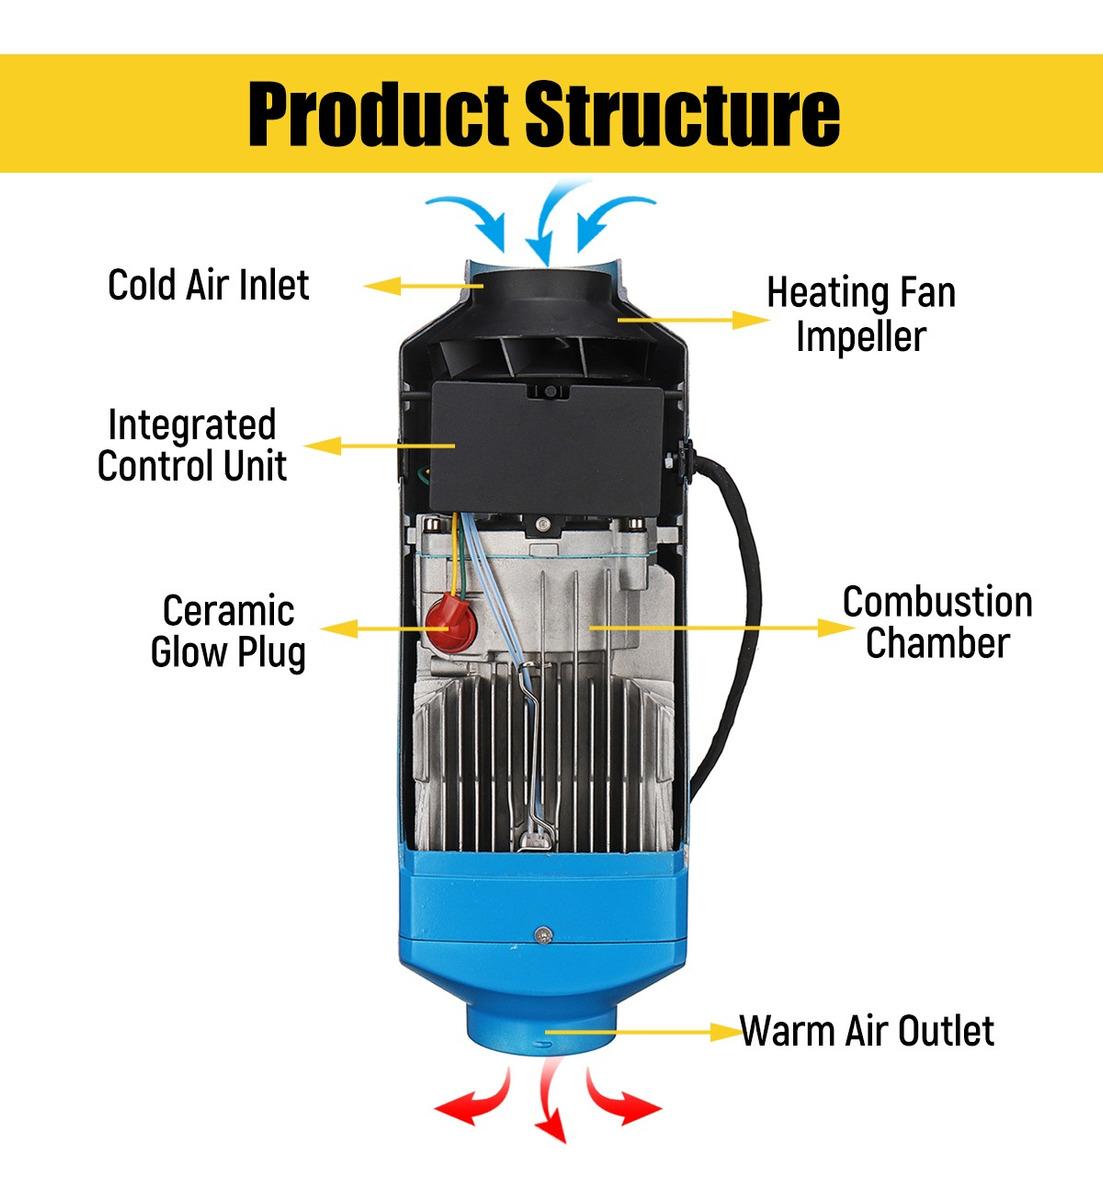 equipo que se calienta del equipo diesel del calentador del estacionamiento del aire del calentador de aire diesel del calentador de aire de 12V 5000W Calentador del combustible del autom/óvil